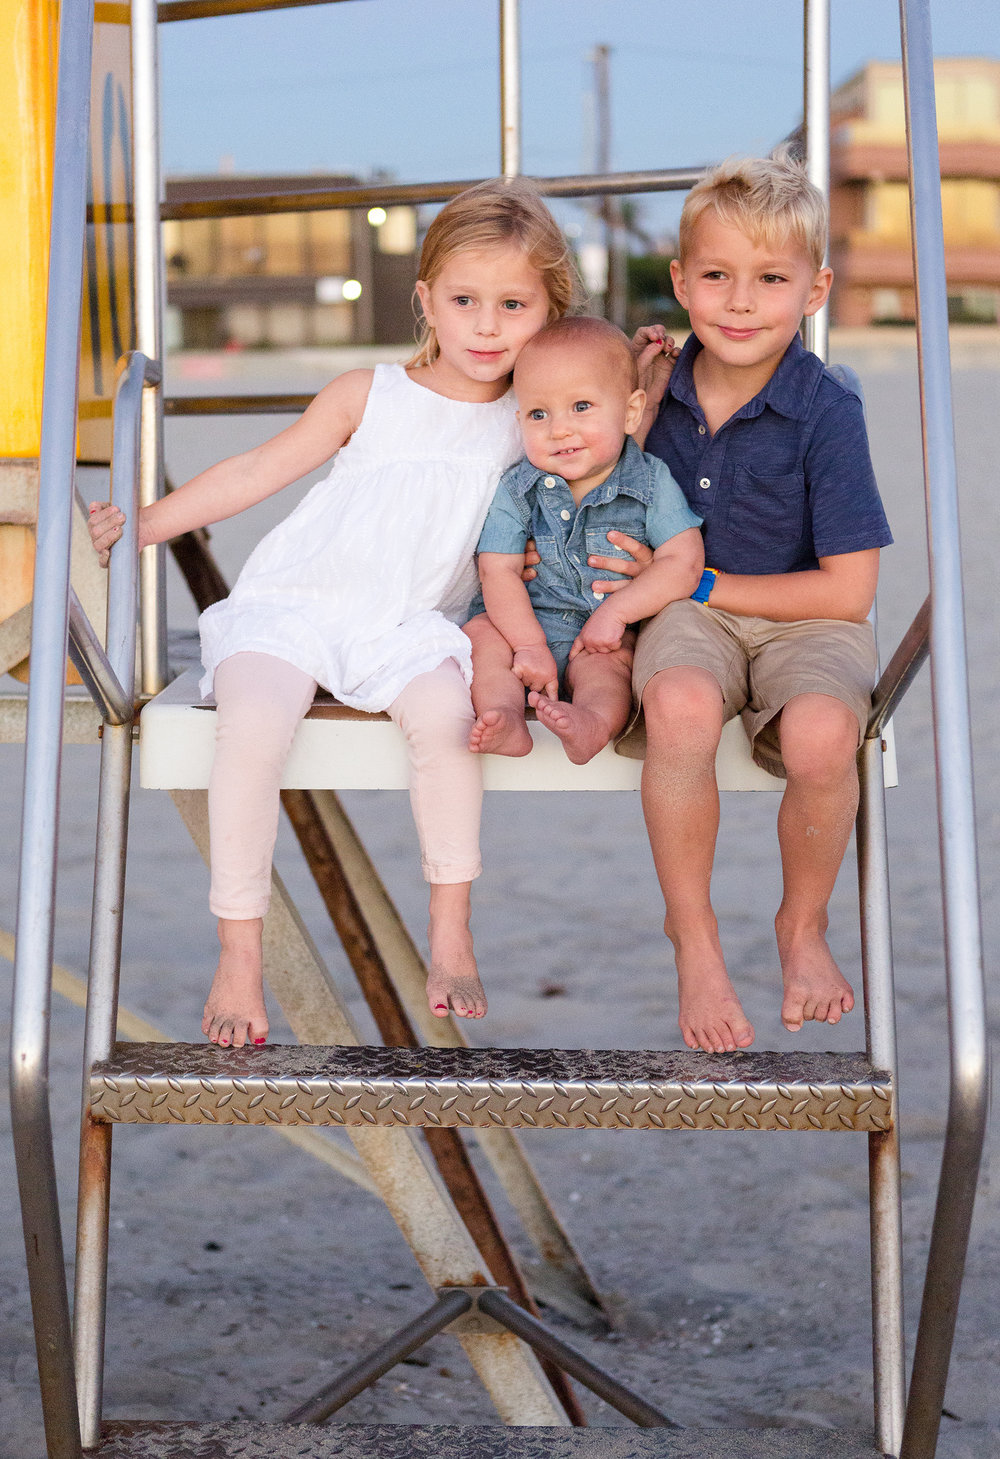 San Diego Family Photographer Christine Dammann Photography Vacation Photos HFWS95.jpg